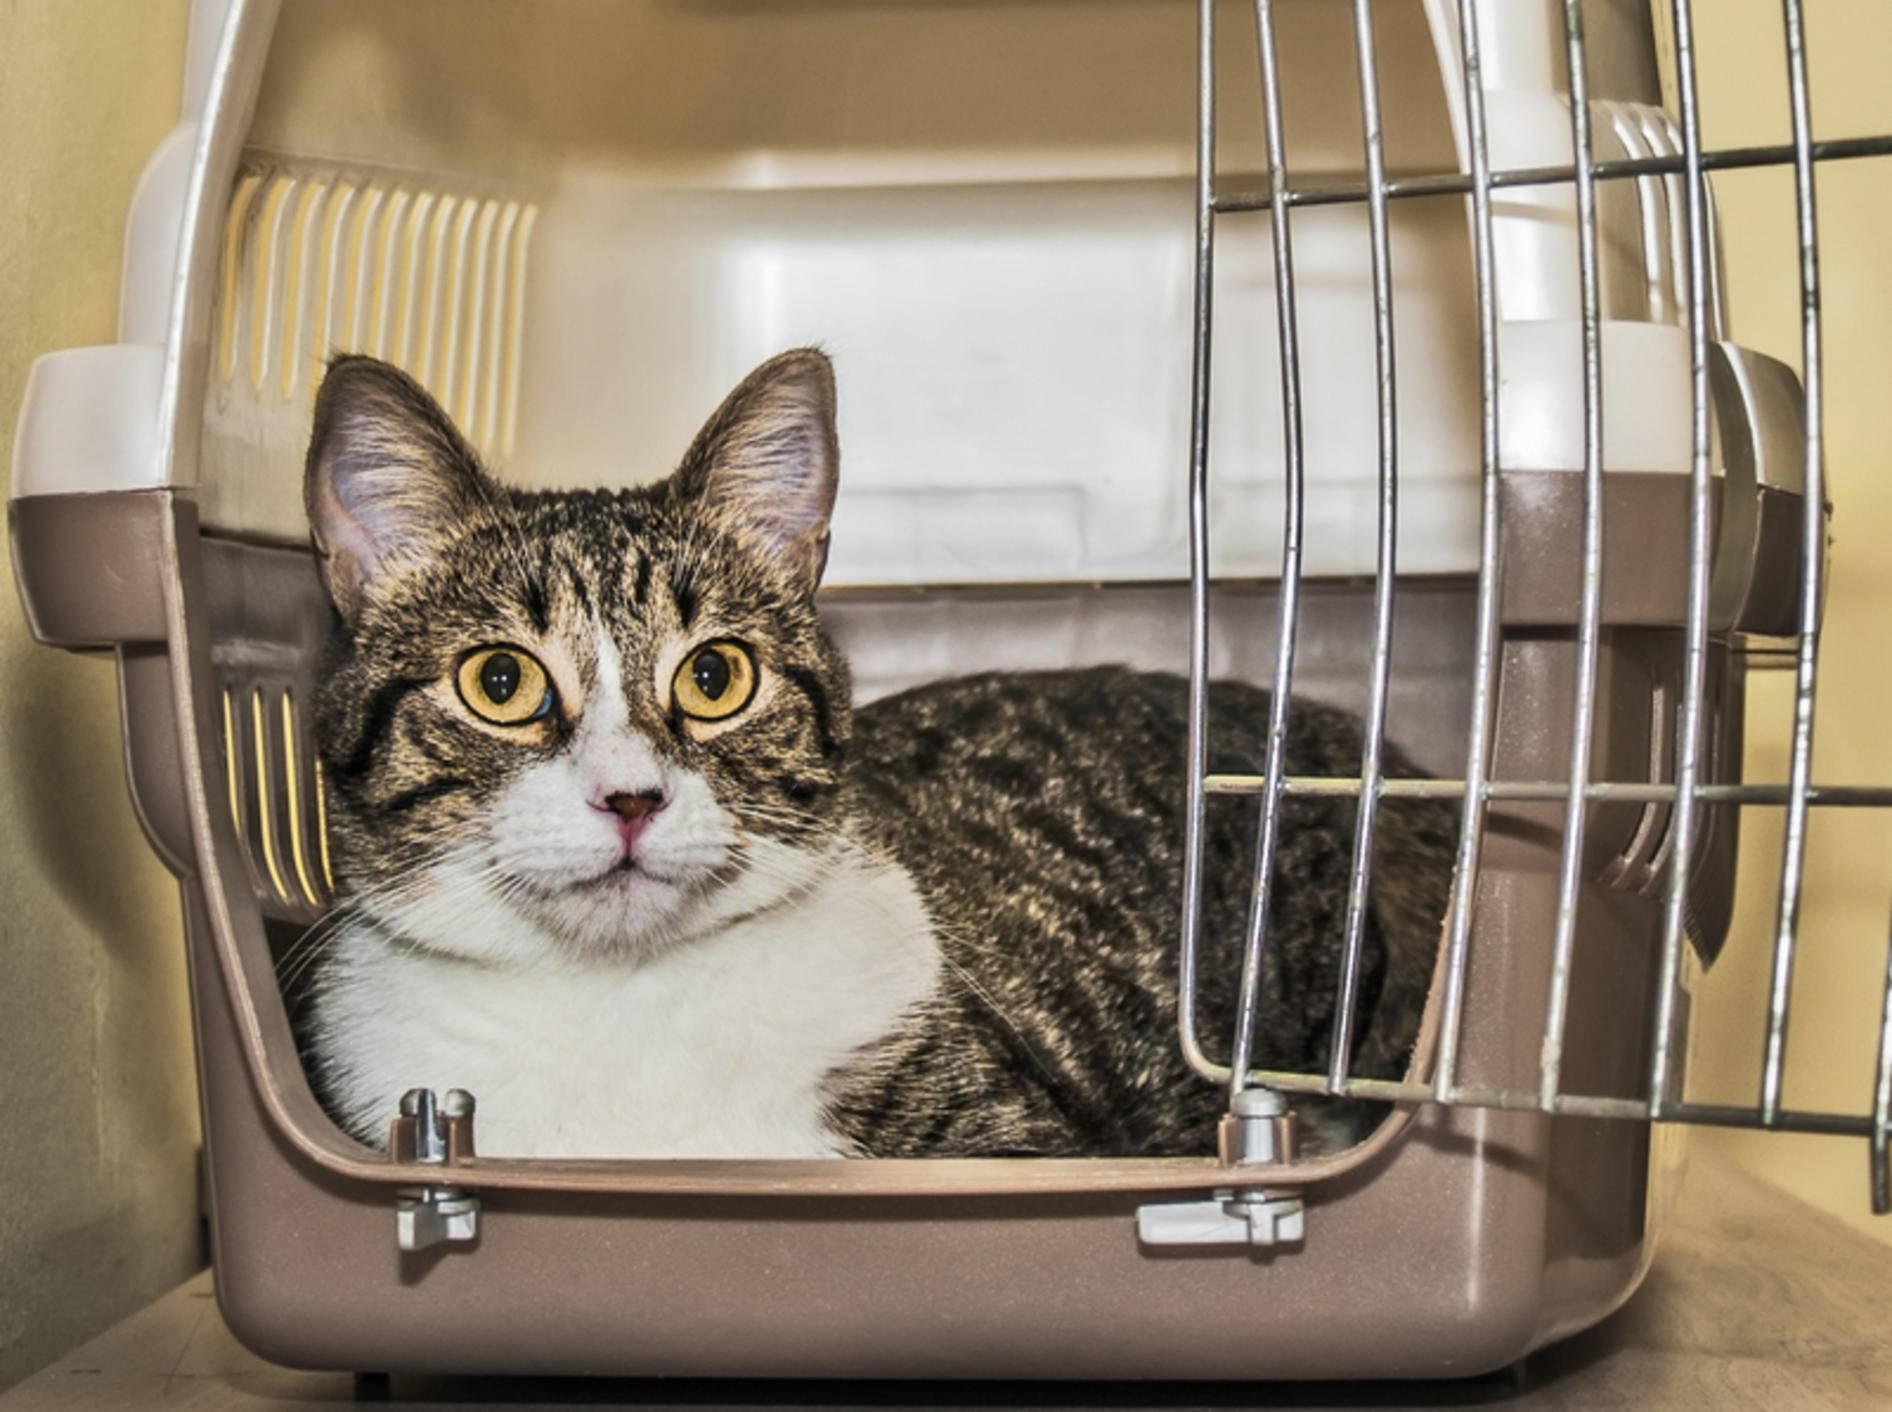 Mit ein paar Tipps bleibt Ihre Katze auf dem Weg zum Tierarzt entspannt – Bild: Shutterstock / FXEGS Javier Espuny